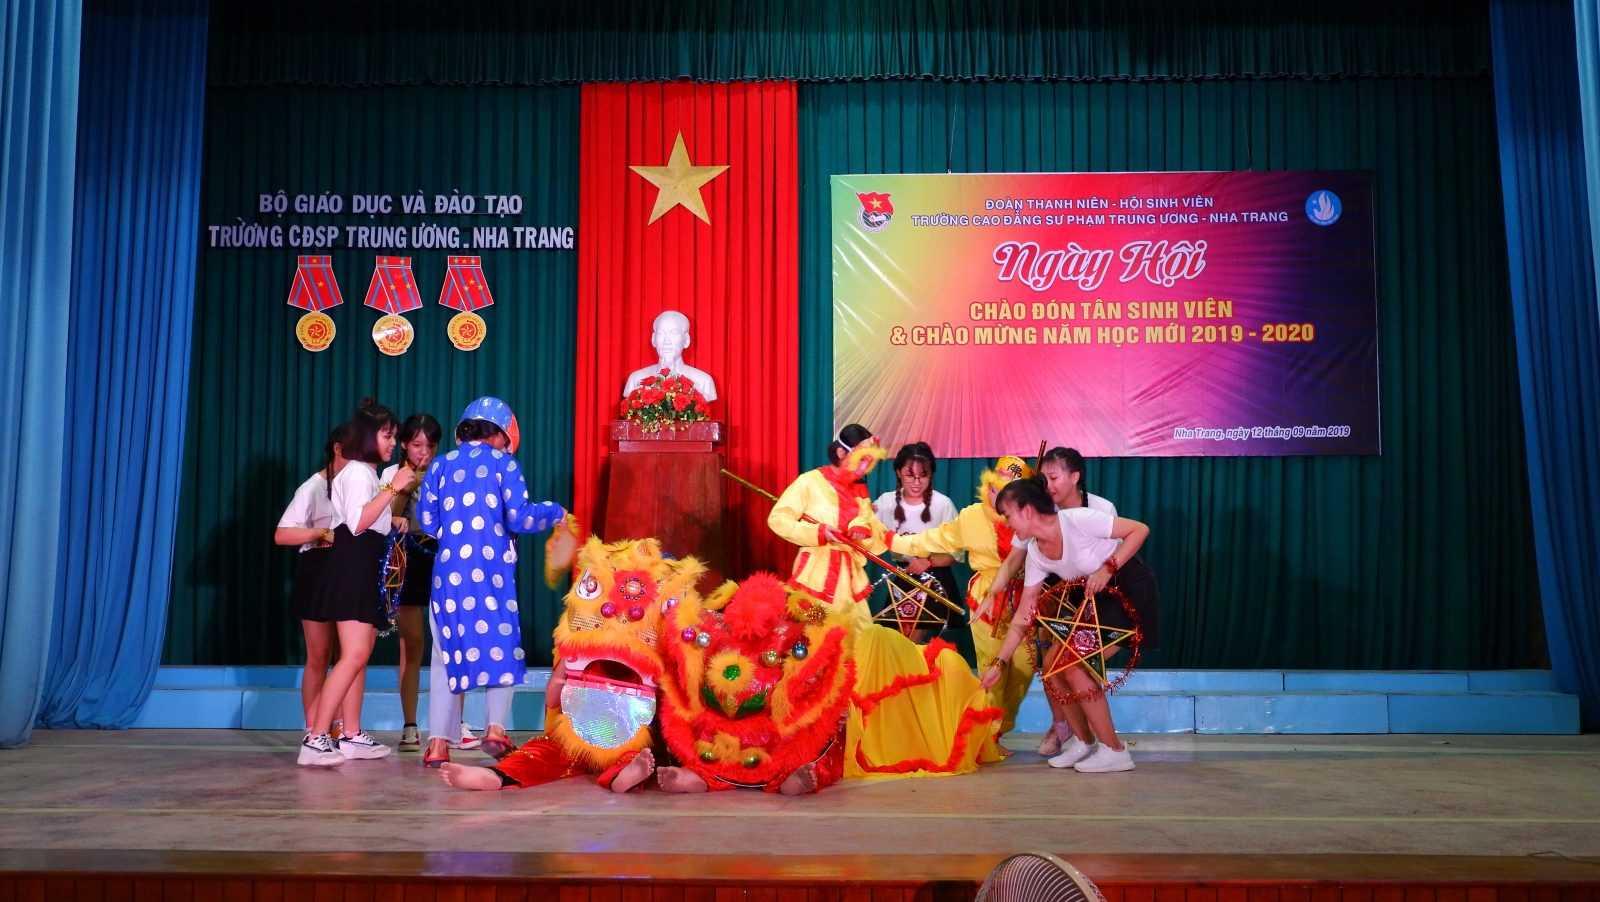 TRƯỜNG CĐSP TRUNG ƯƠNG NHA TRANG: Dạ hội chào tân sinh viên và chào mừng Năm học mới 2019 - 2020 9